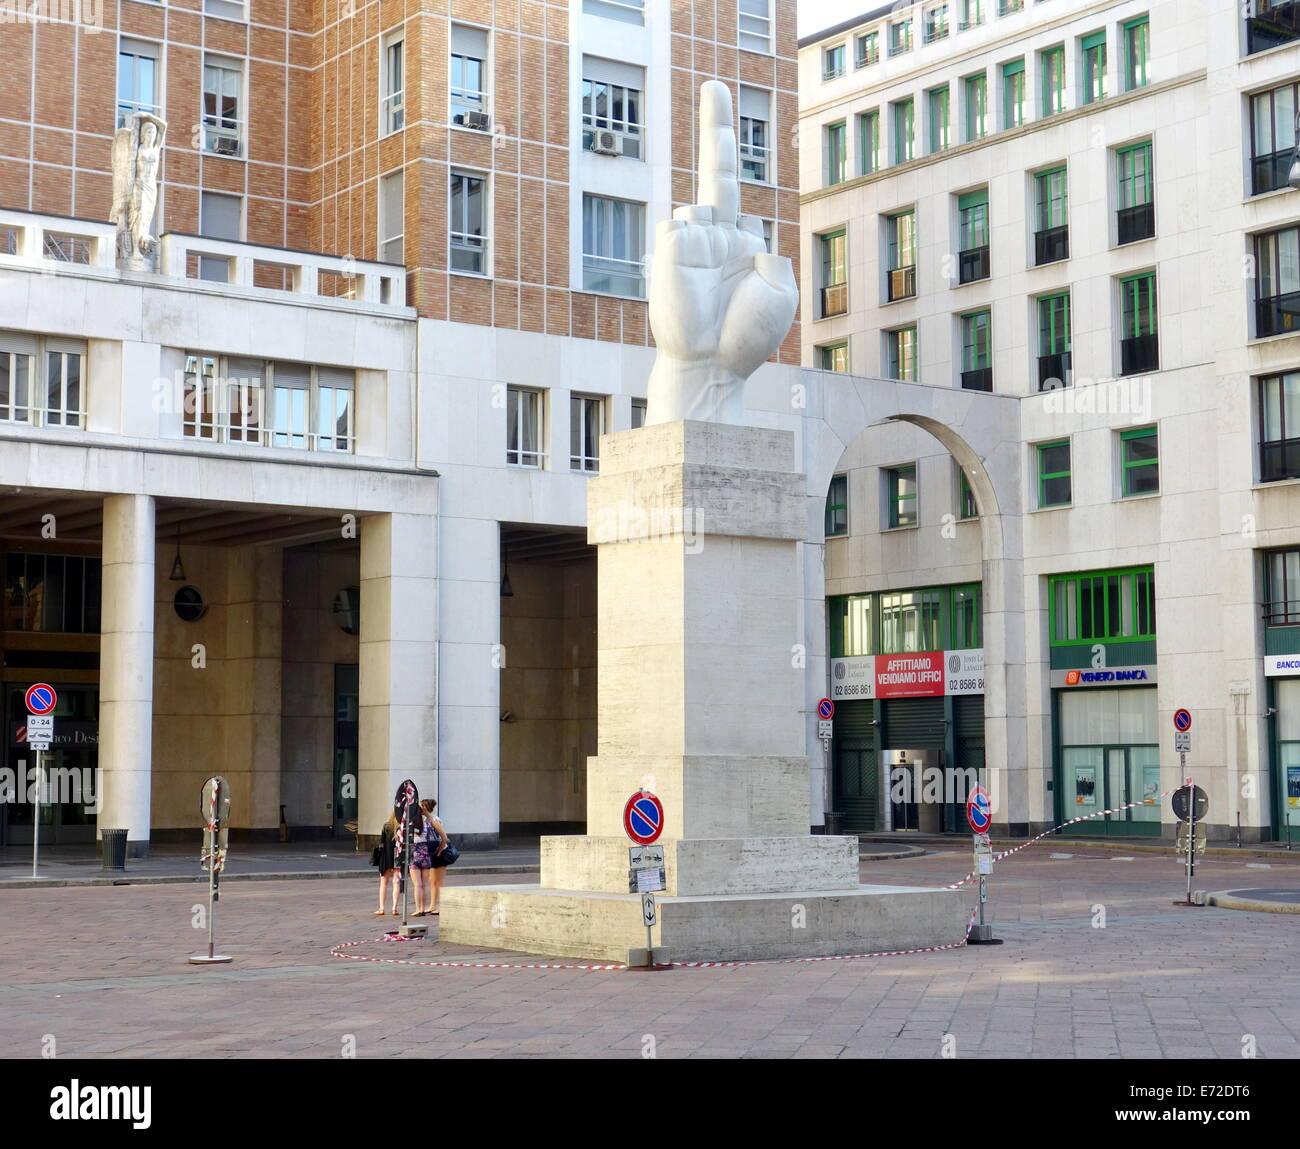 Il 'Sito' statua di Maurizio Cattelan davanti al palazzo della Borsa di Milano, Italia Immagini Stock